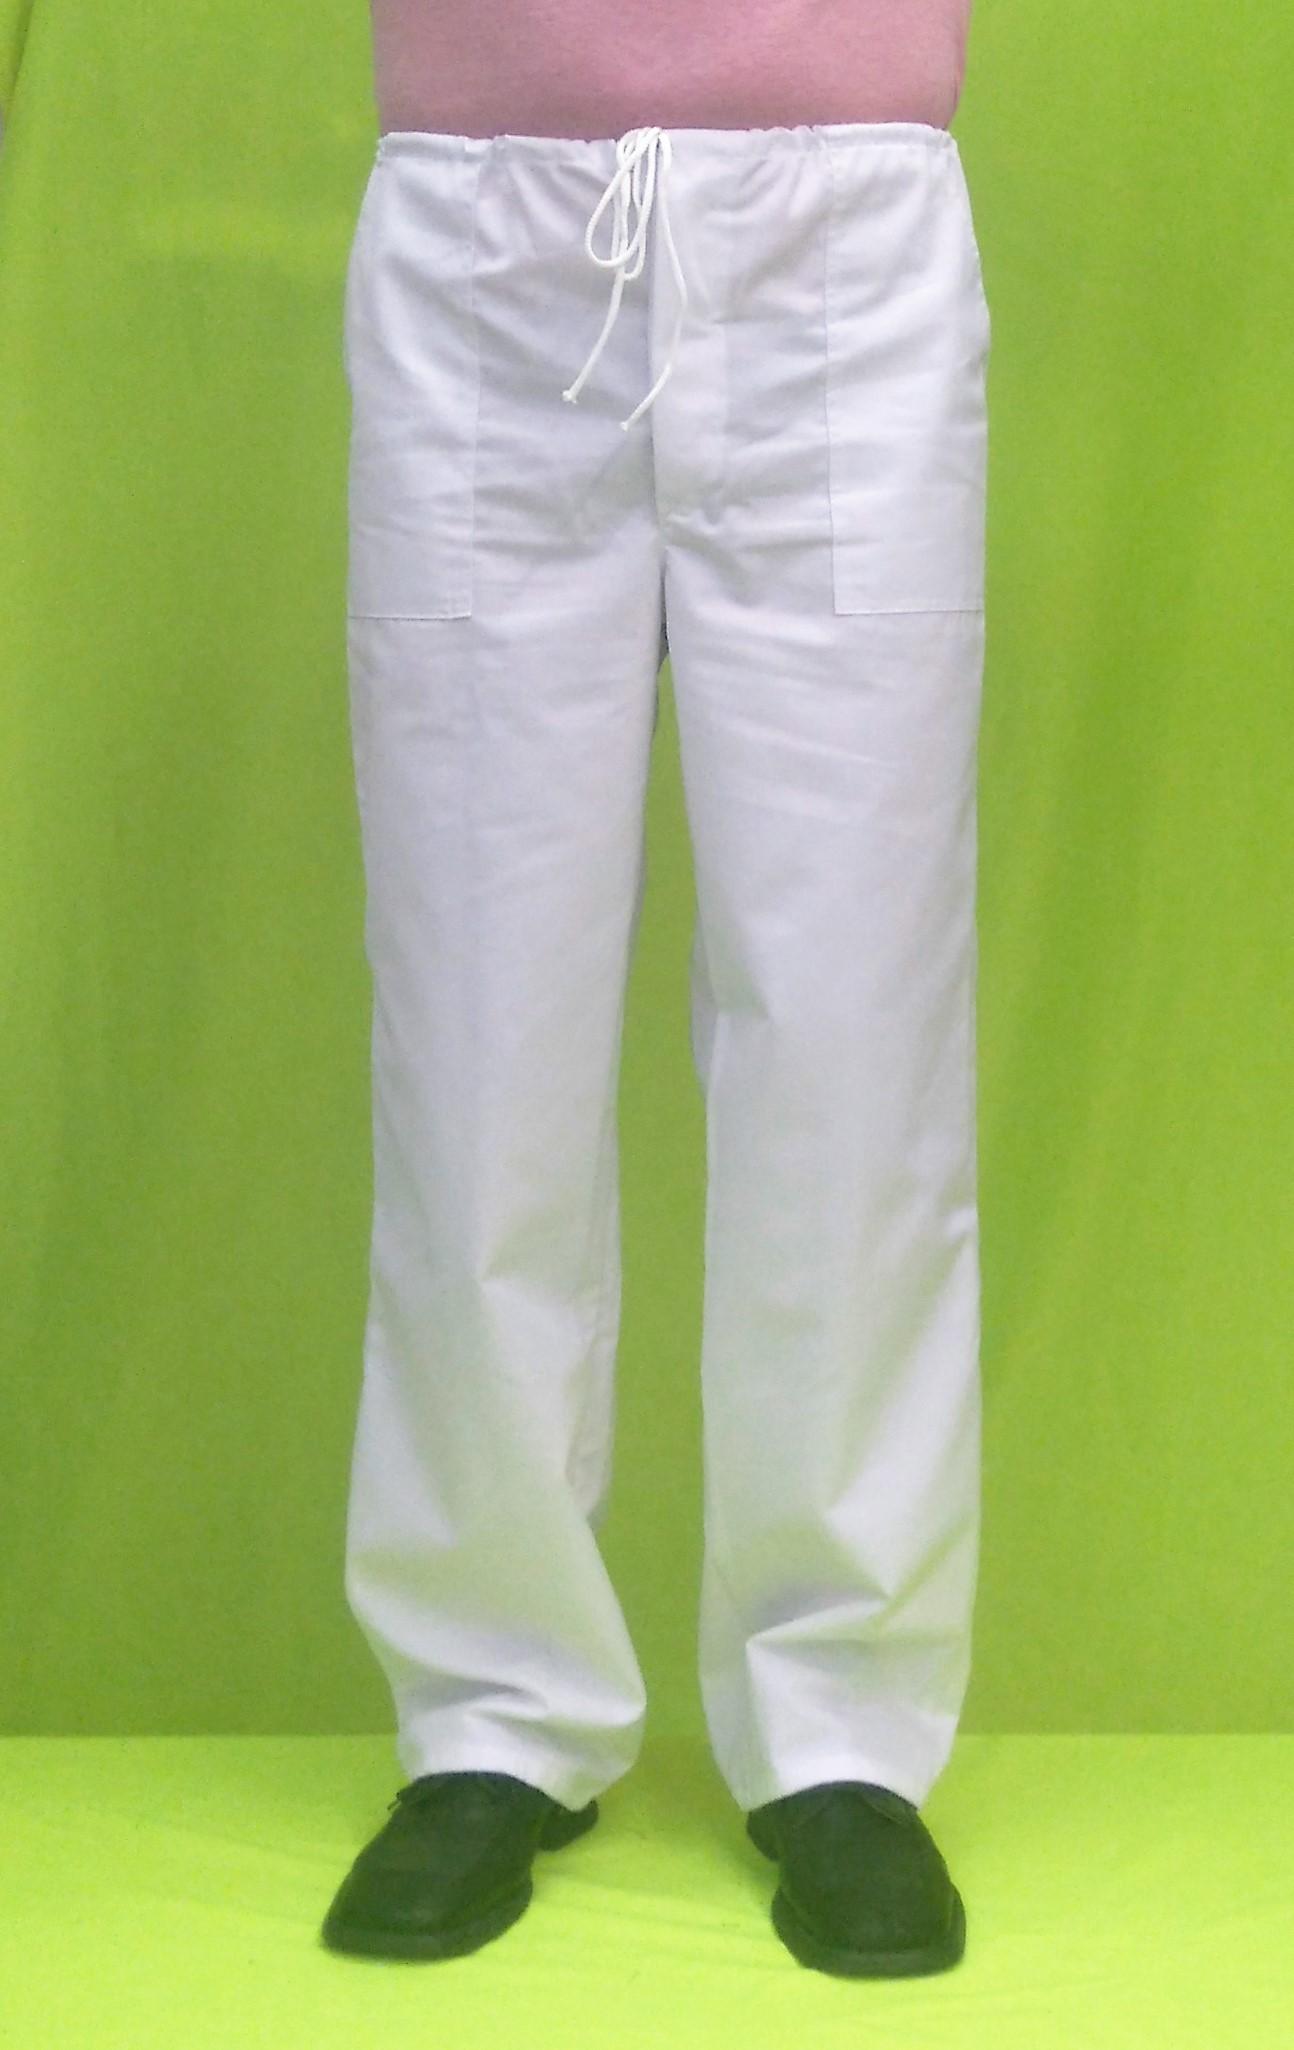 b03d44732945 Pánske kuchárske nohavice biele